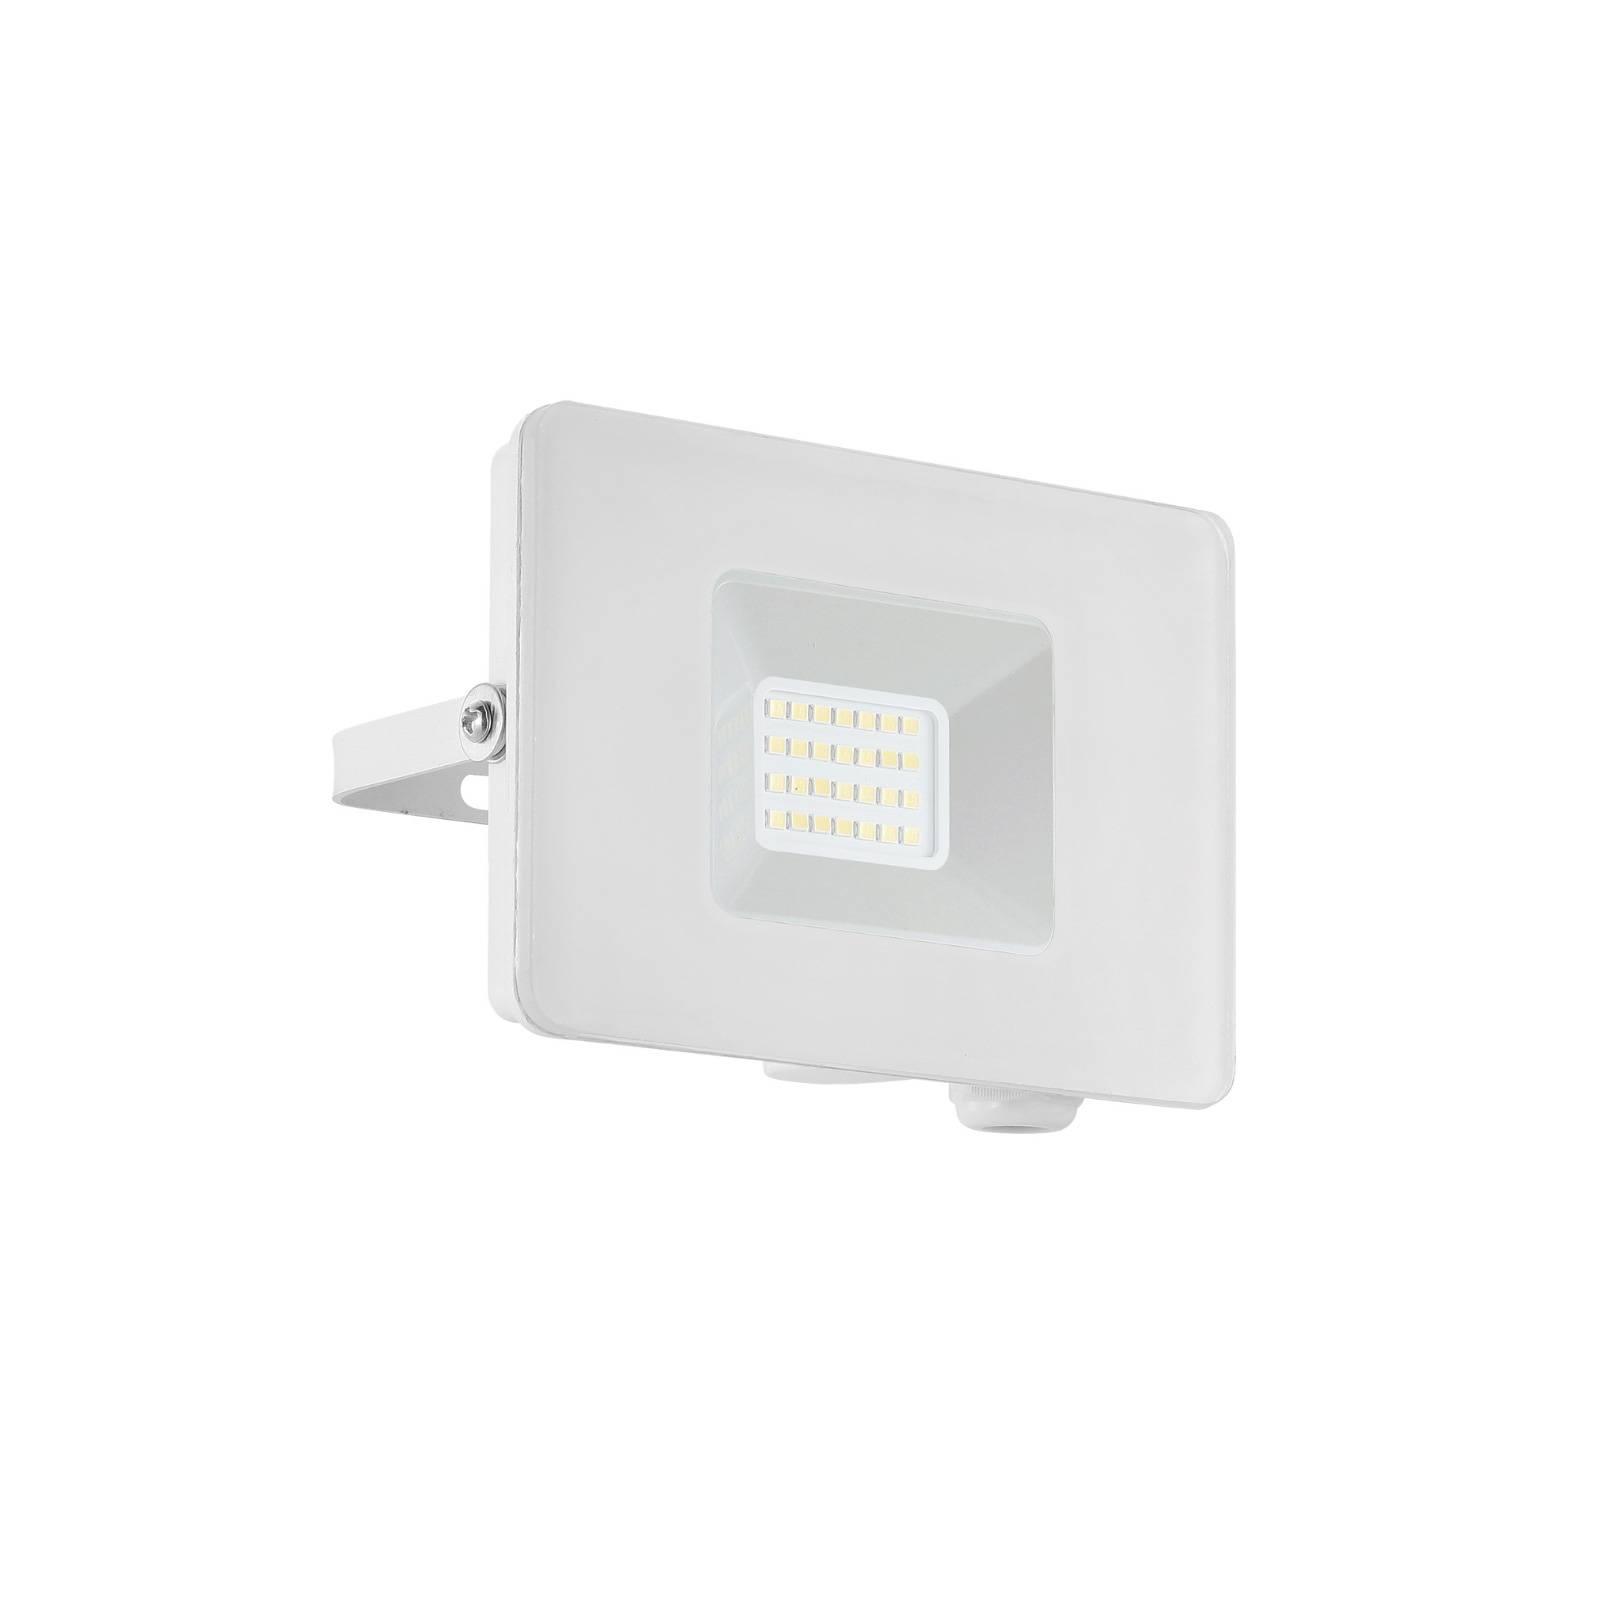 LED-kohdevalaisin ulos Faedo 3, valkoinen, 20 W